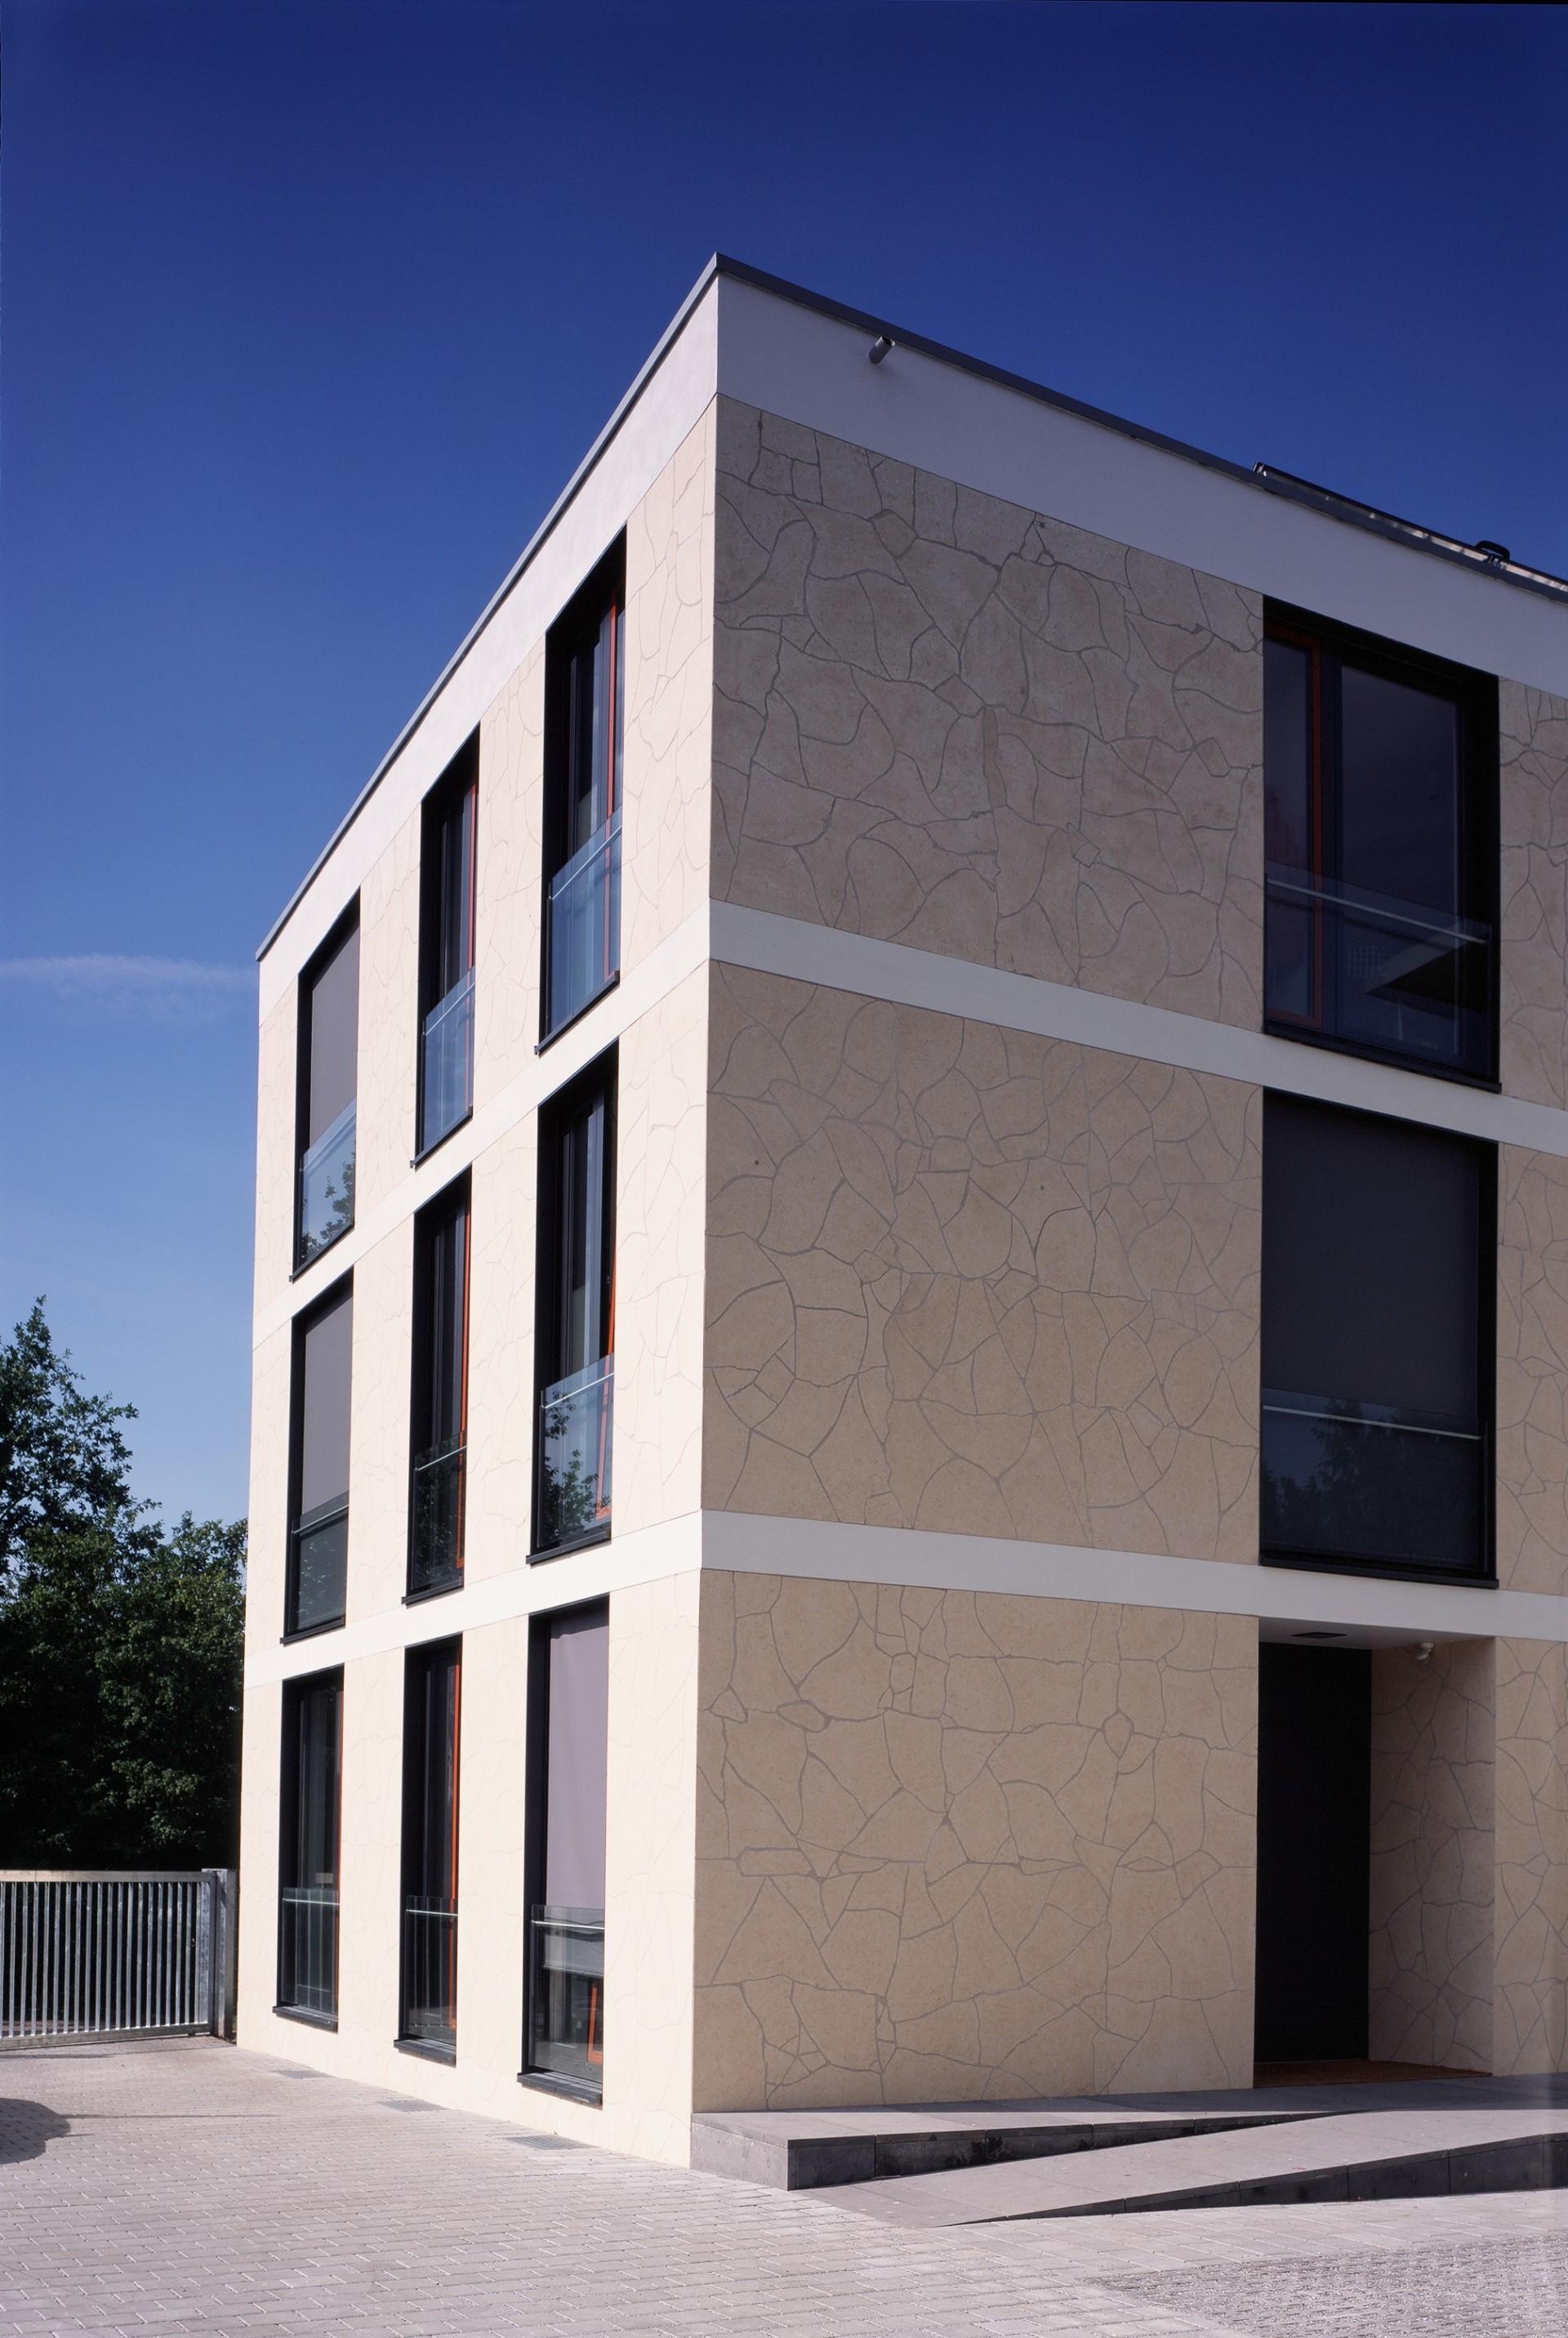 Drei Eins – Architektur- und Stadtplanungsbüro in Frankfurt // Haus H, Ffm